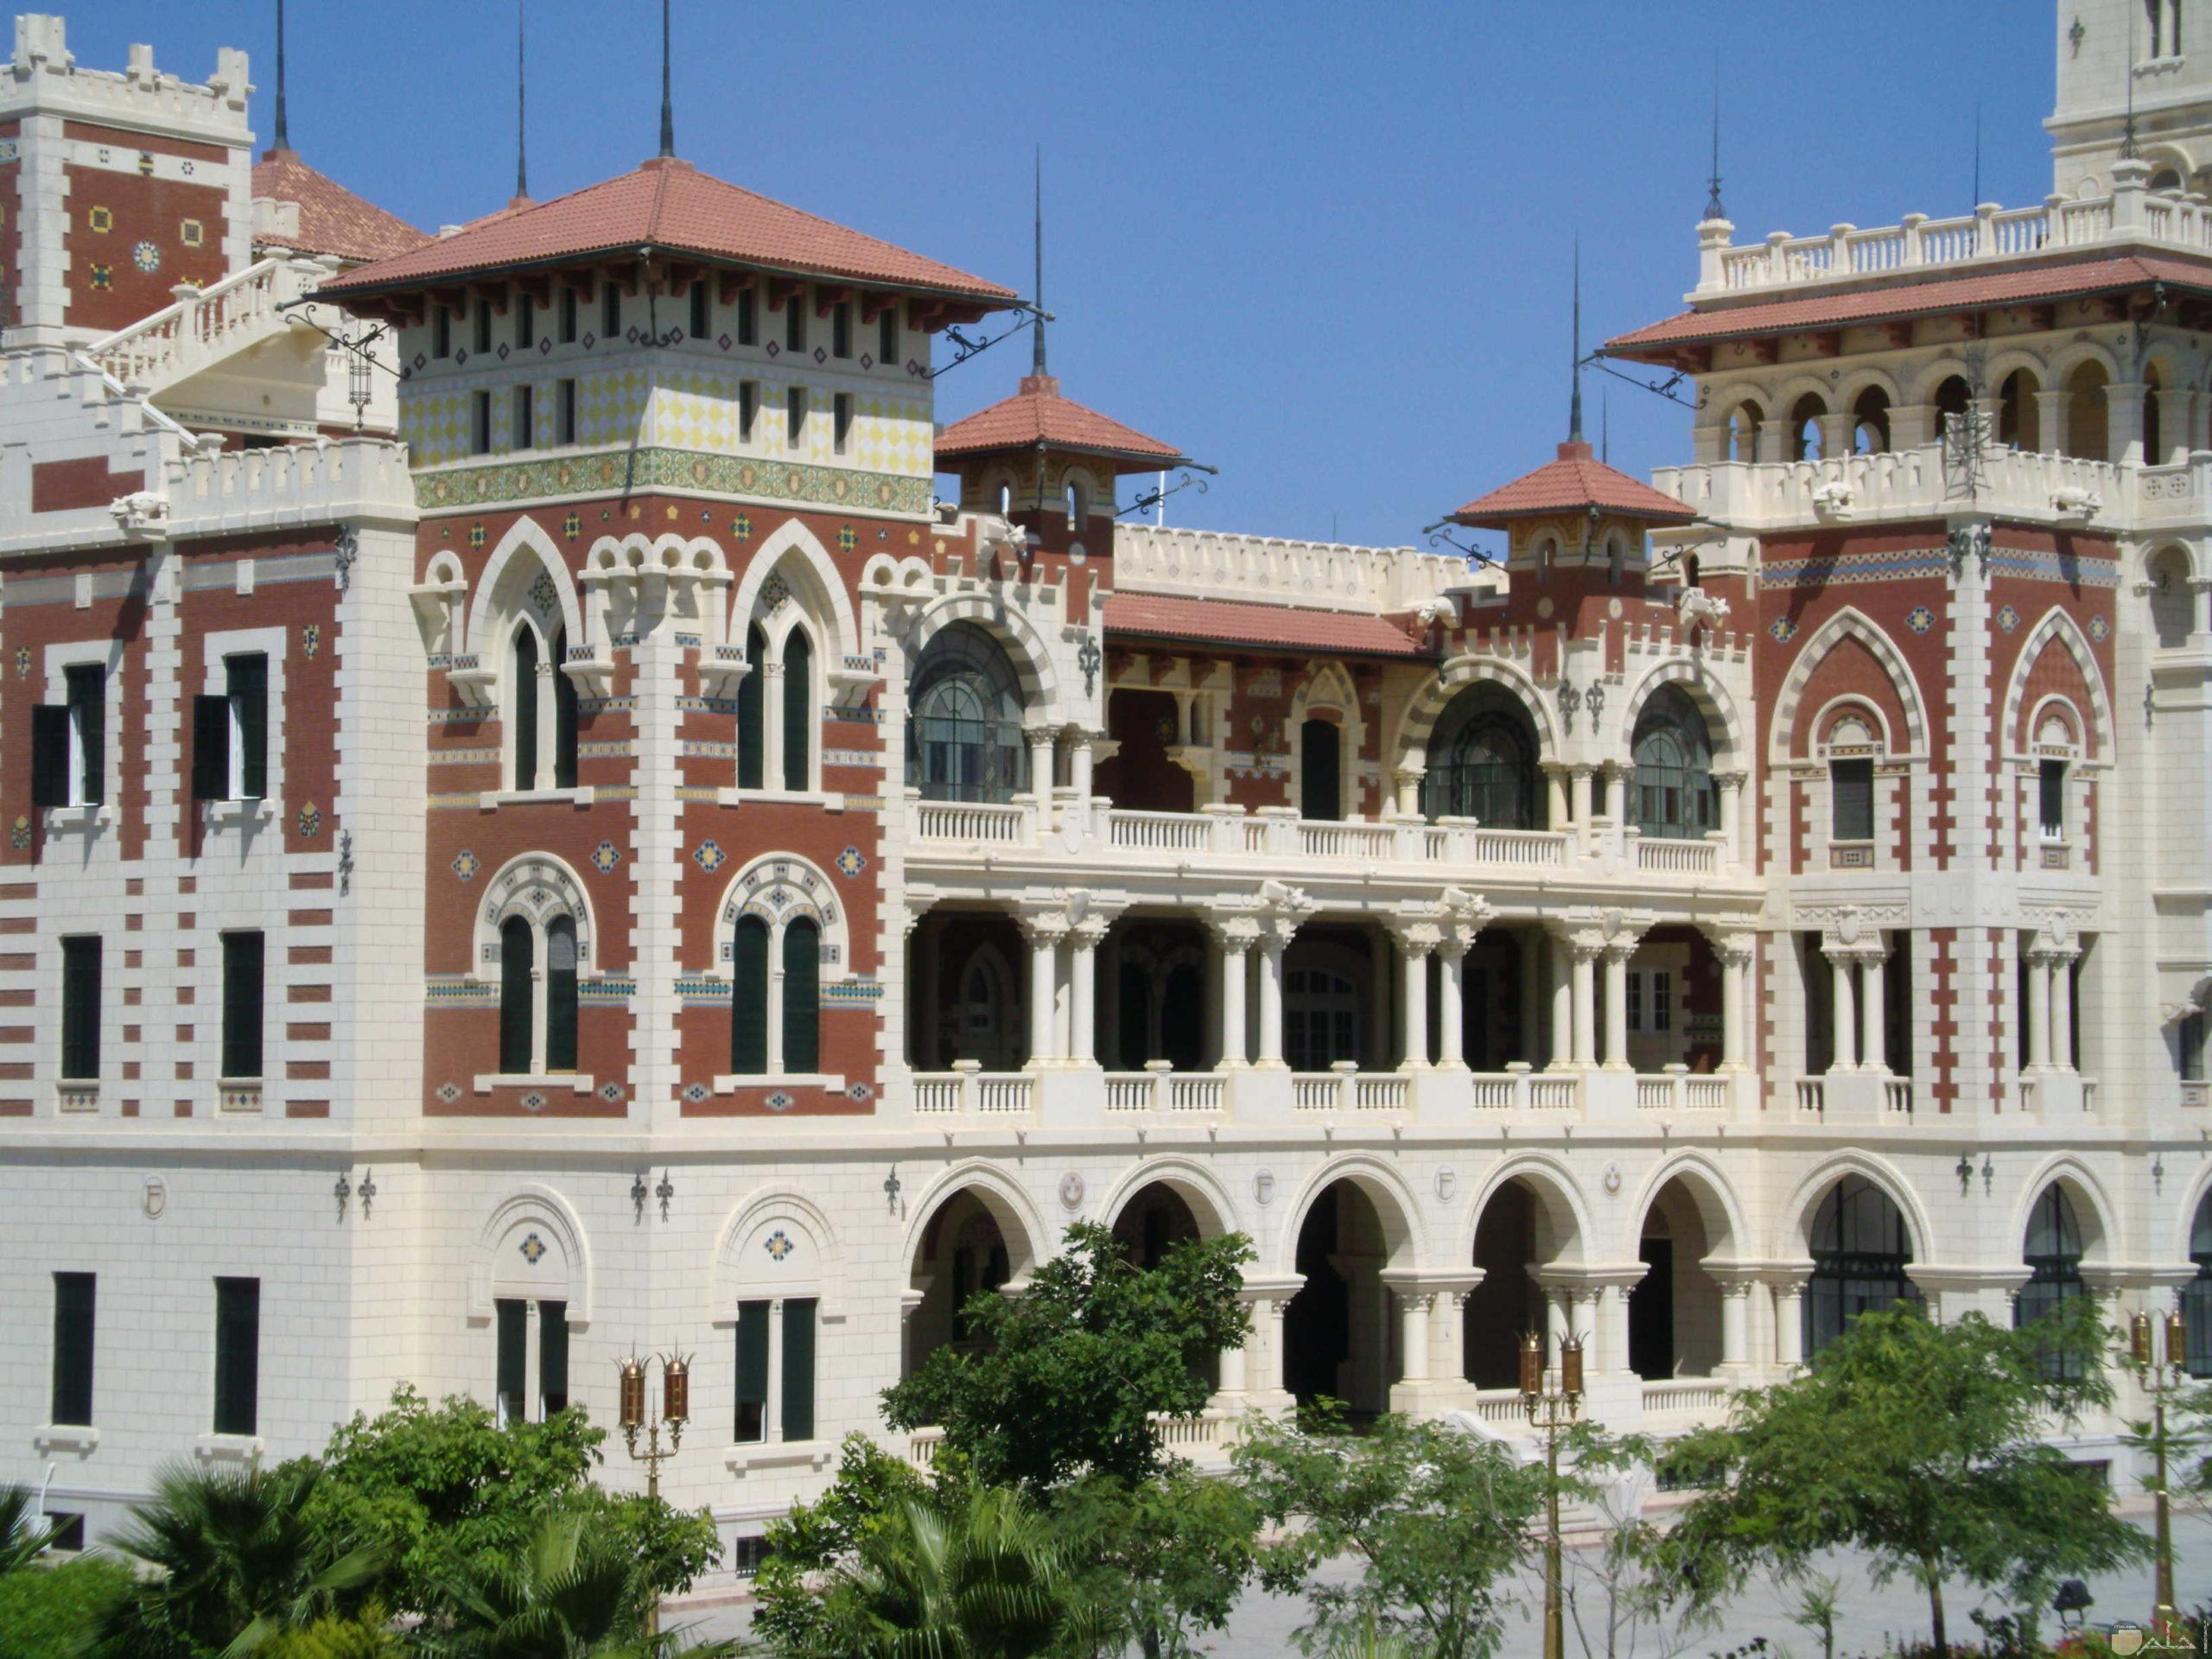 قصر المنتزة بالاسكندرية مصر.